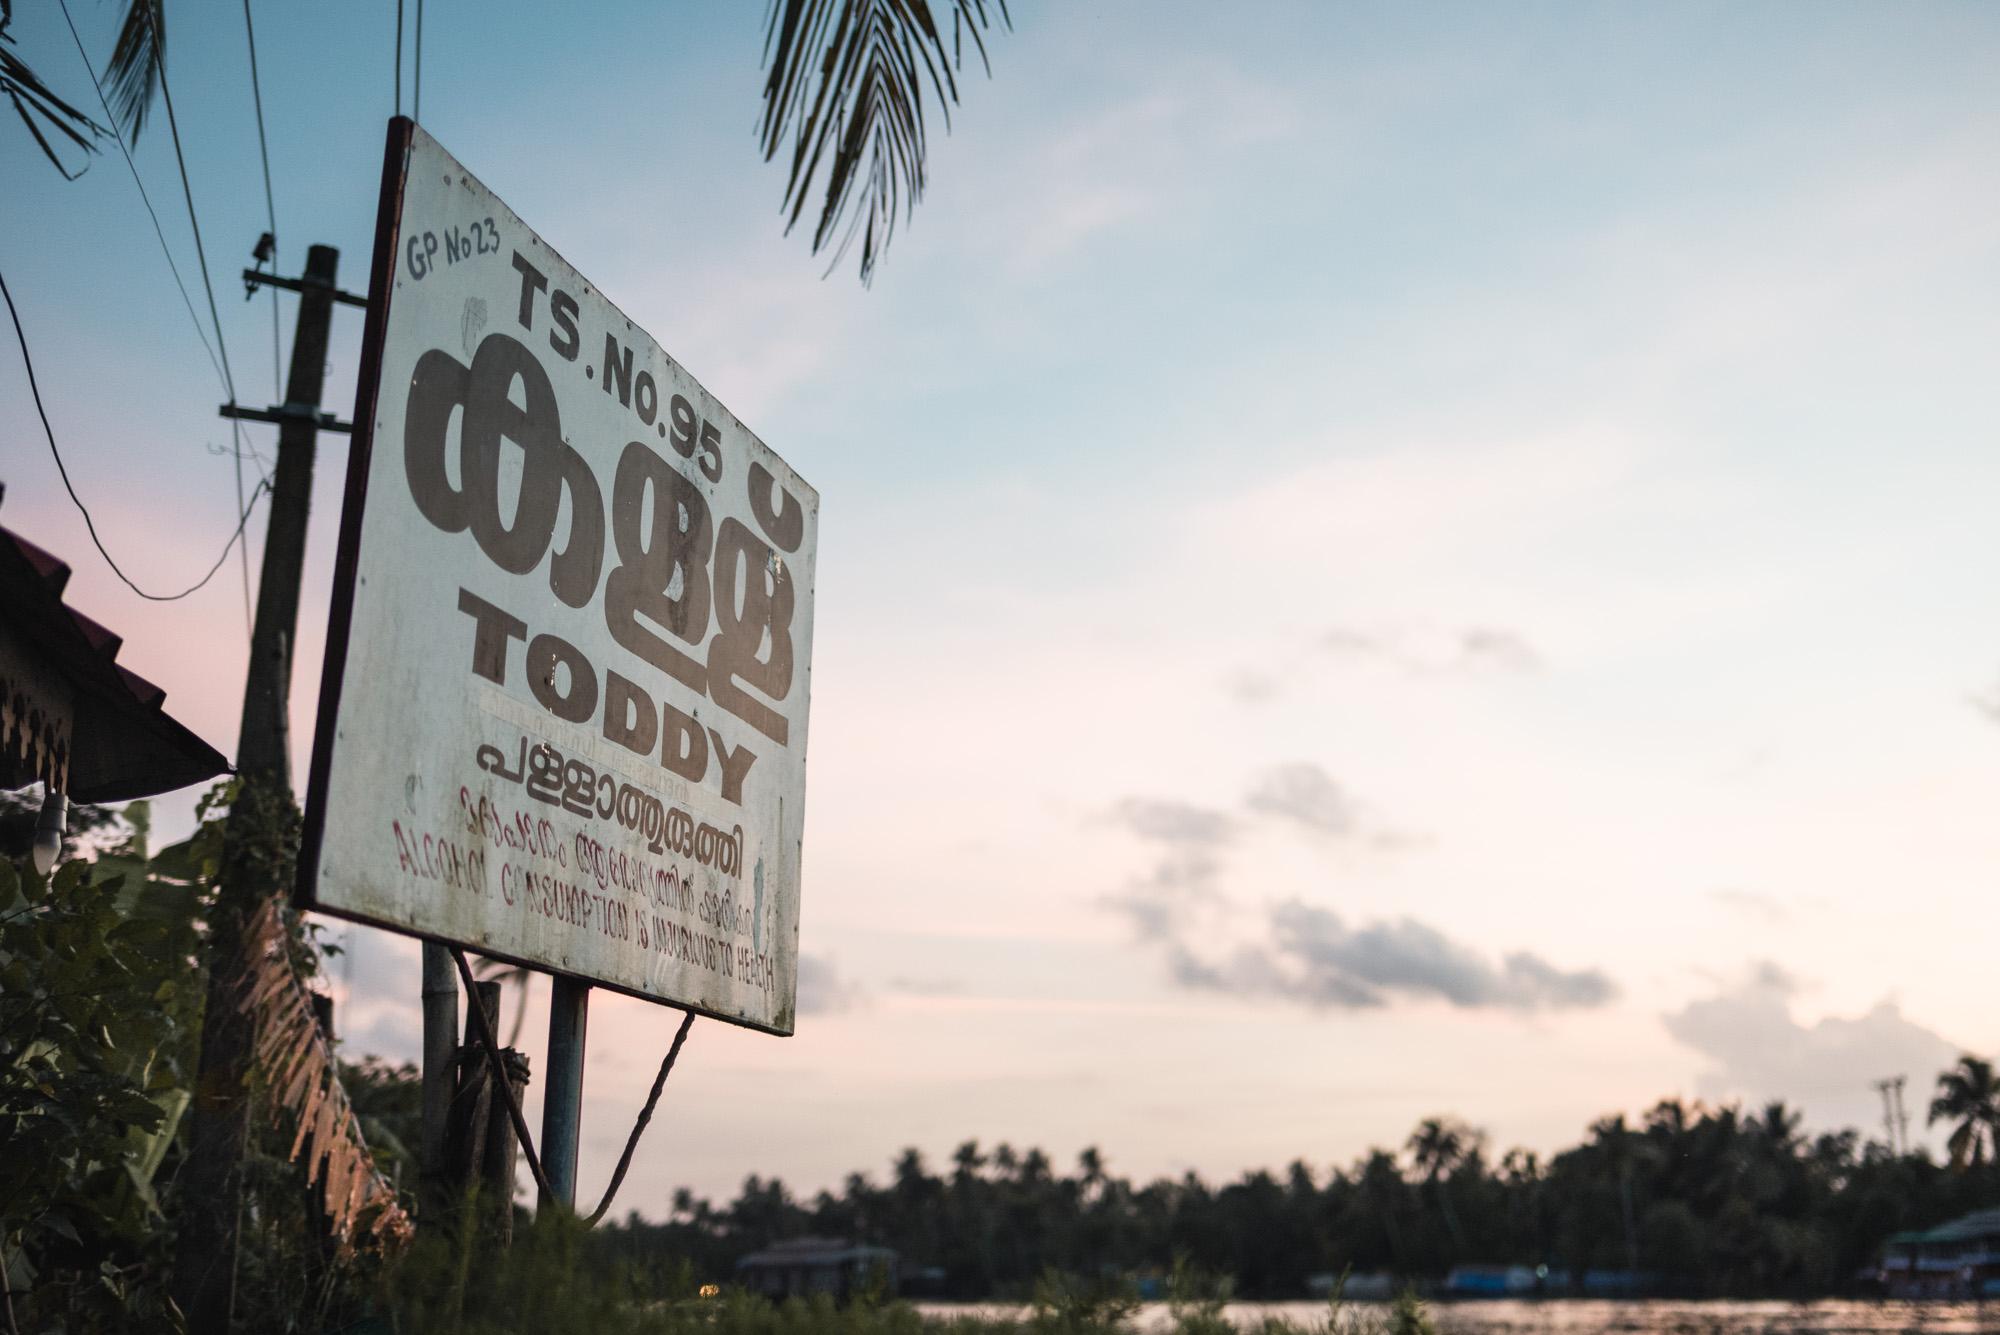 Pakku's Toddy Shop sign